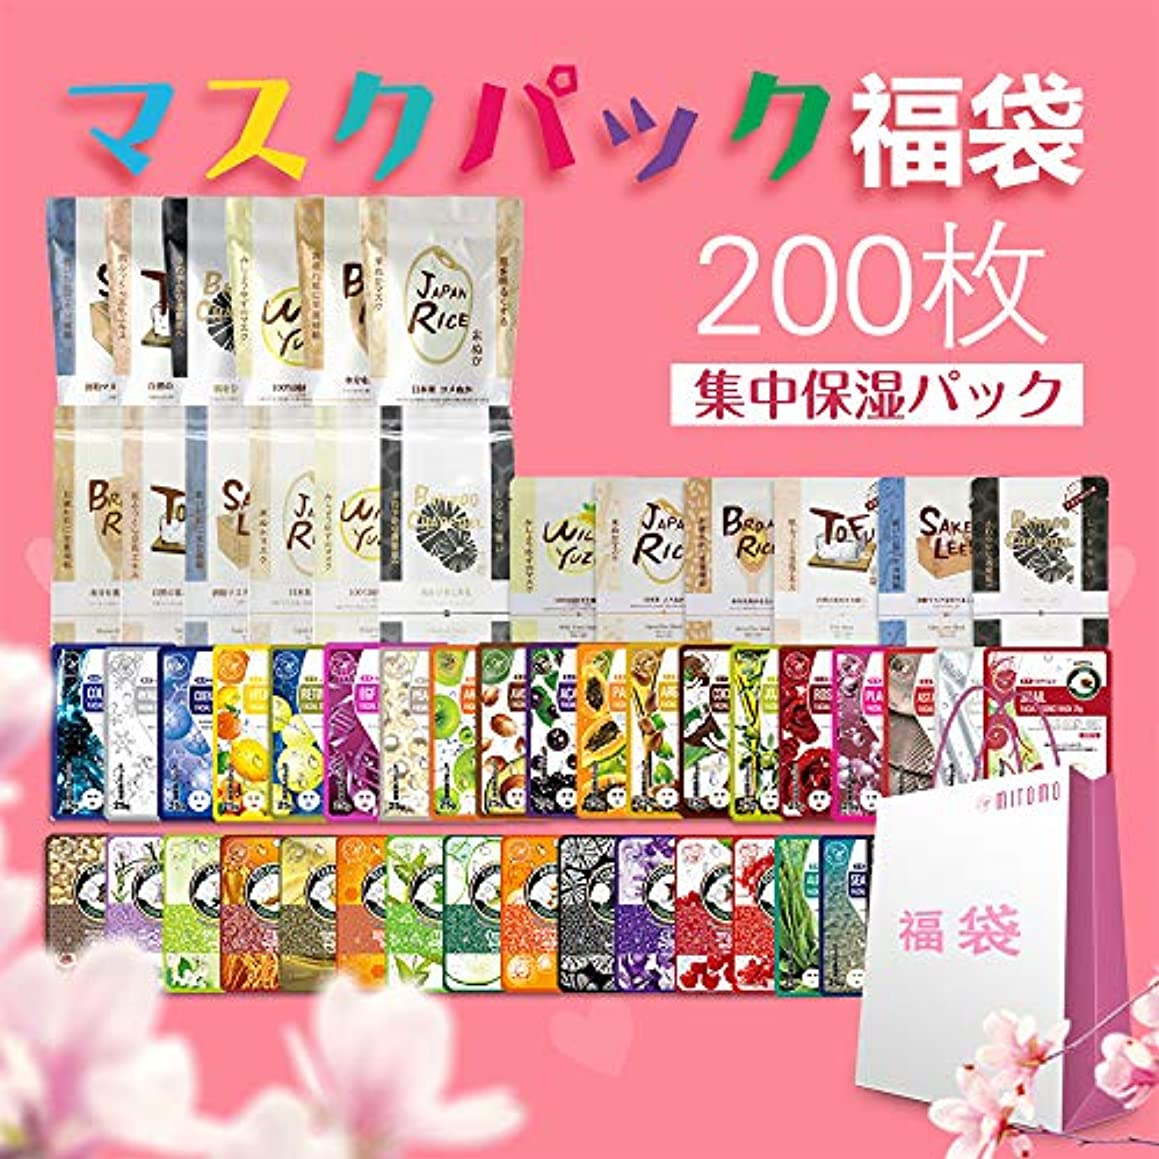 ファーム抵当平行【SBPRKL0200】シートマスク/200枚/美容液/マスクパック/送料無料